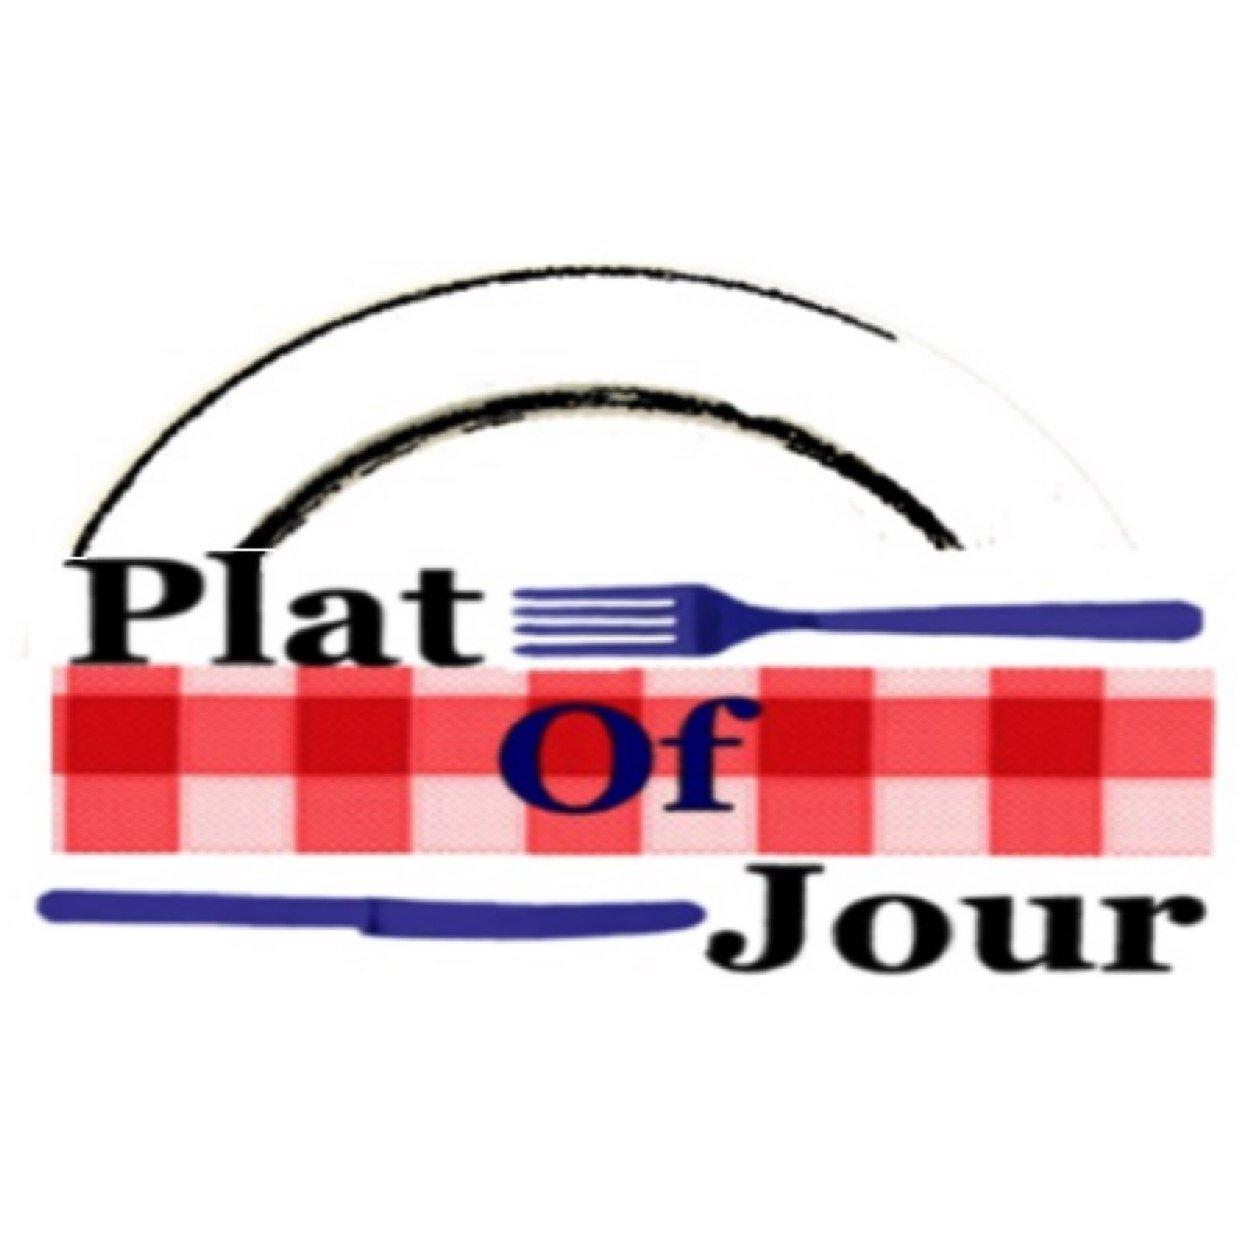 Platofjour